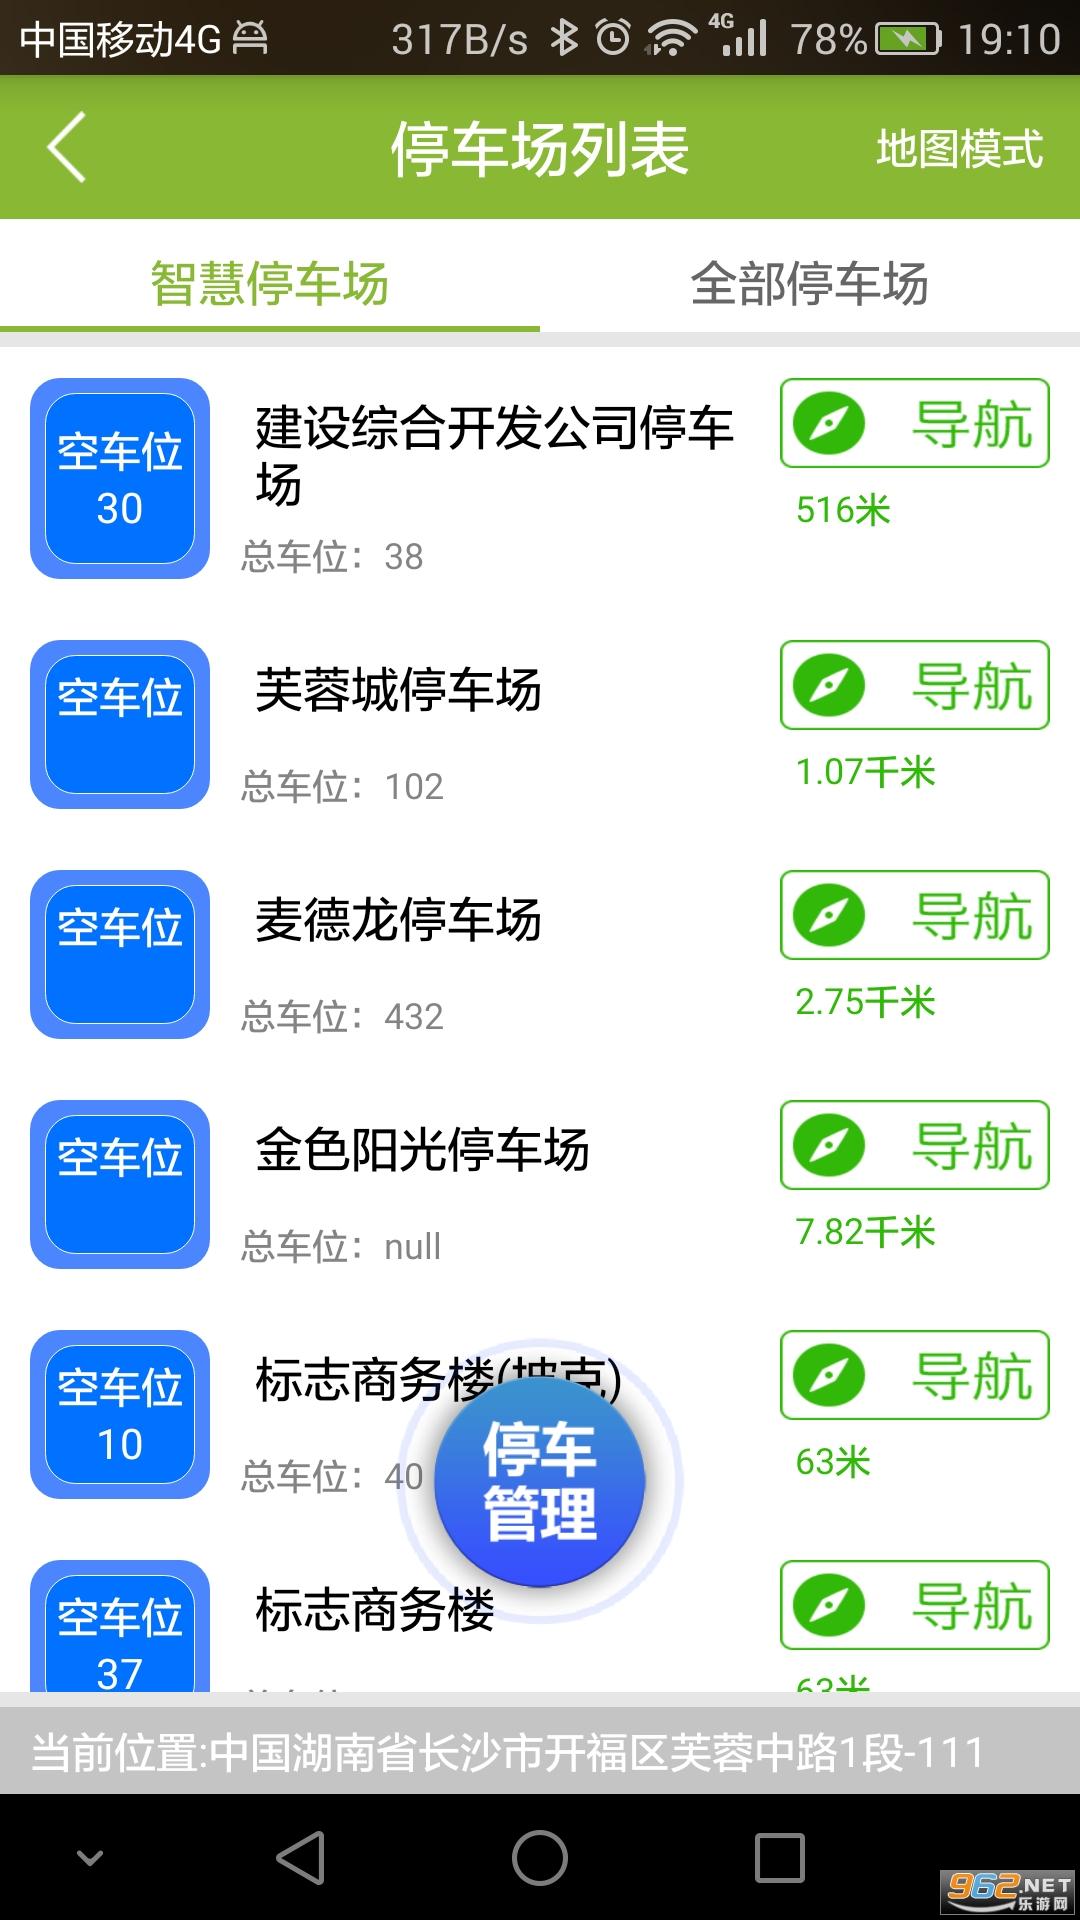 益通百通手机appv3.0.4 官方最新版截图3